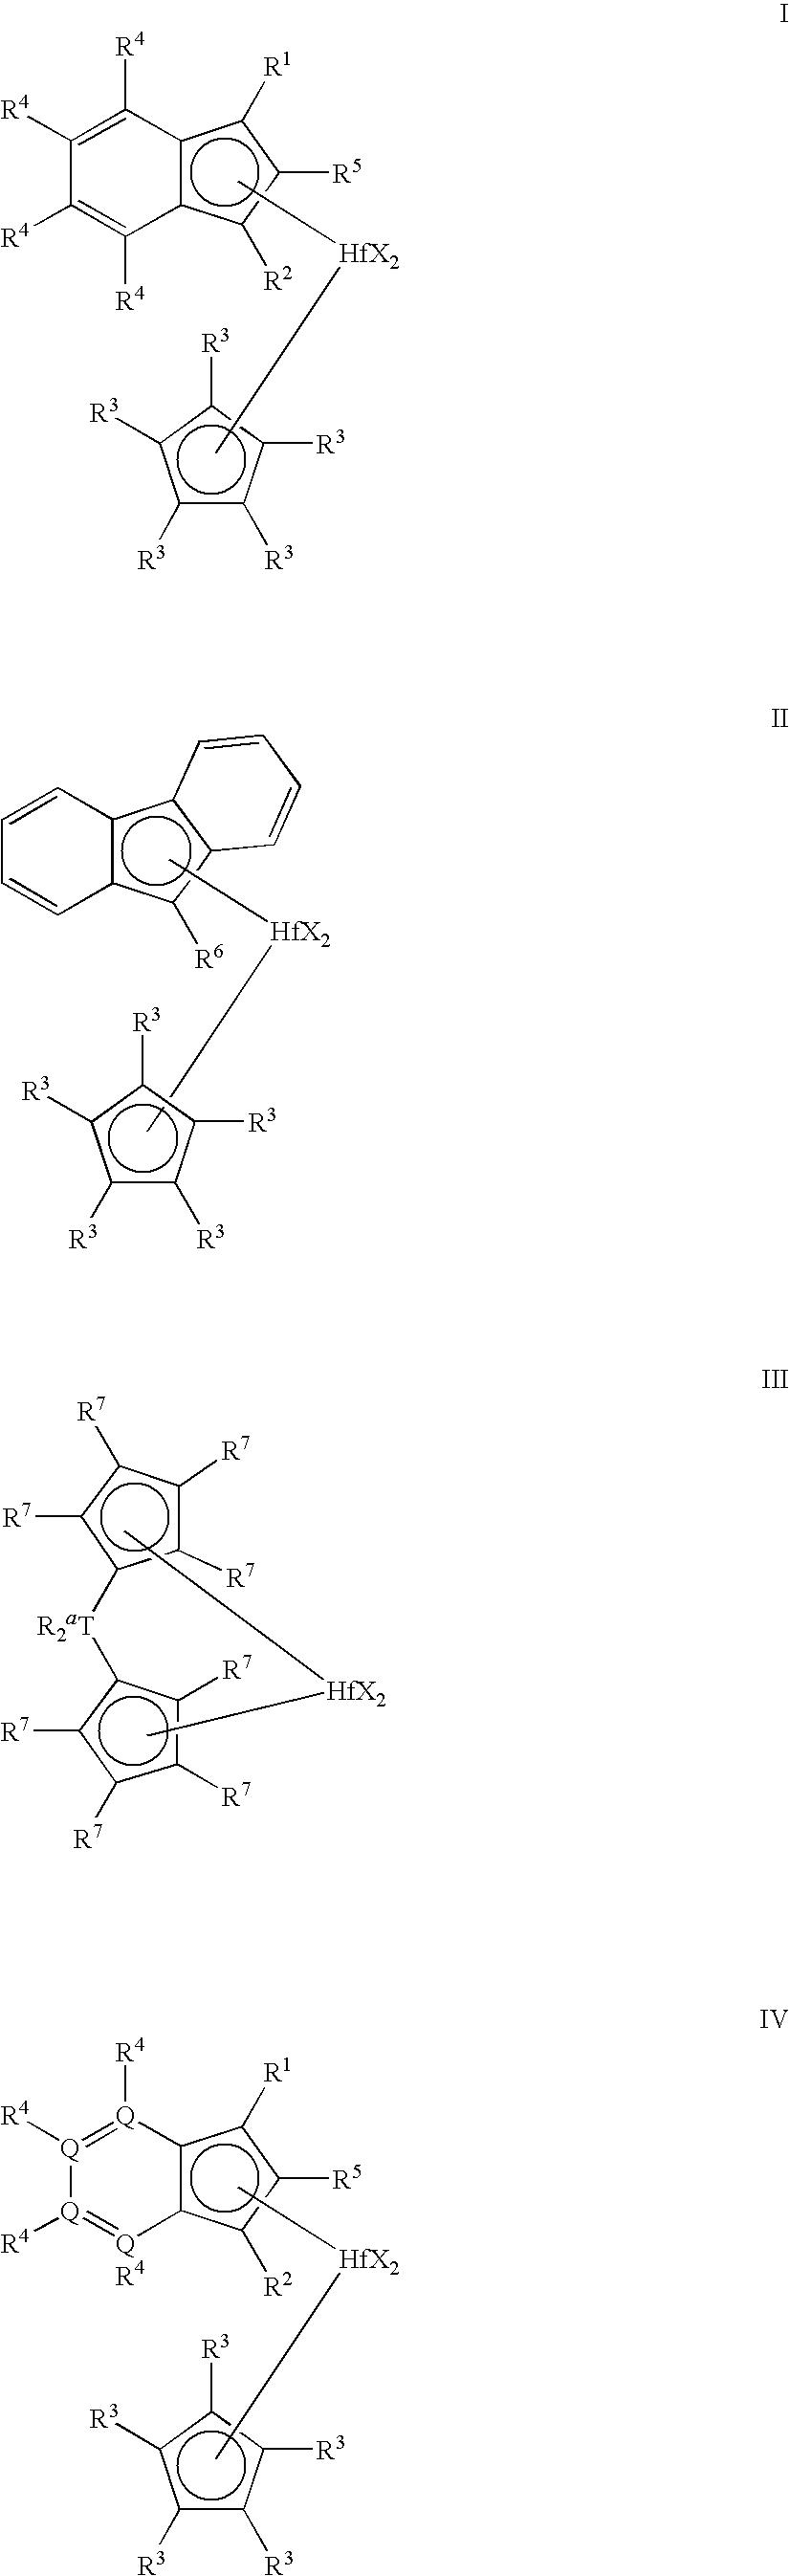 Figure US08283428-20121009-C00010